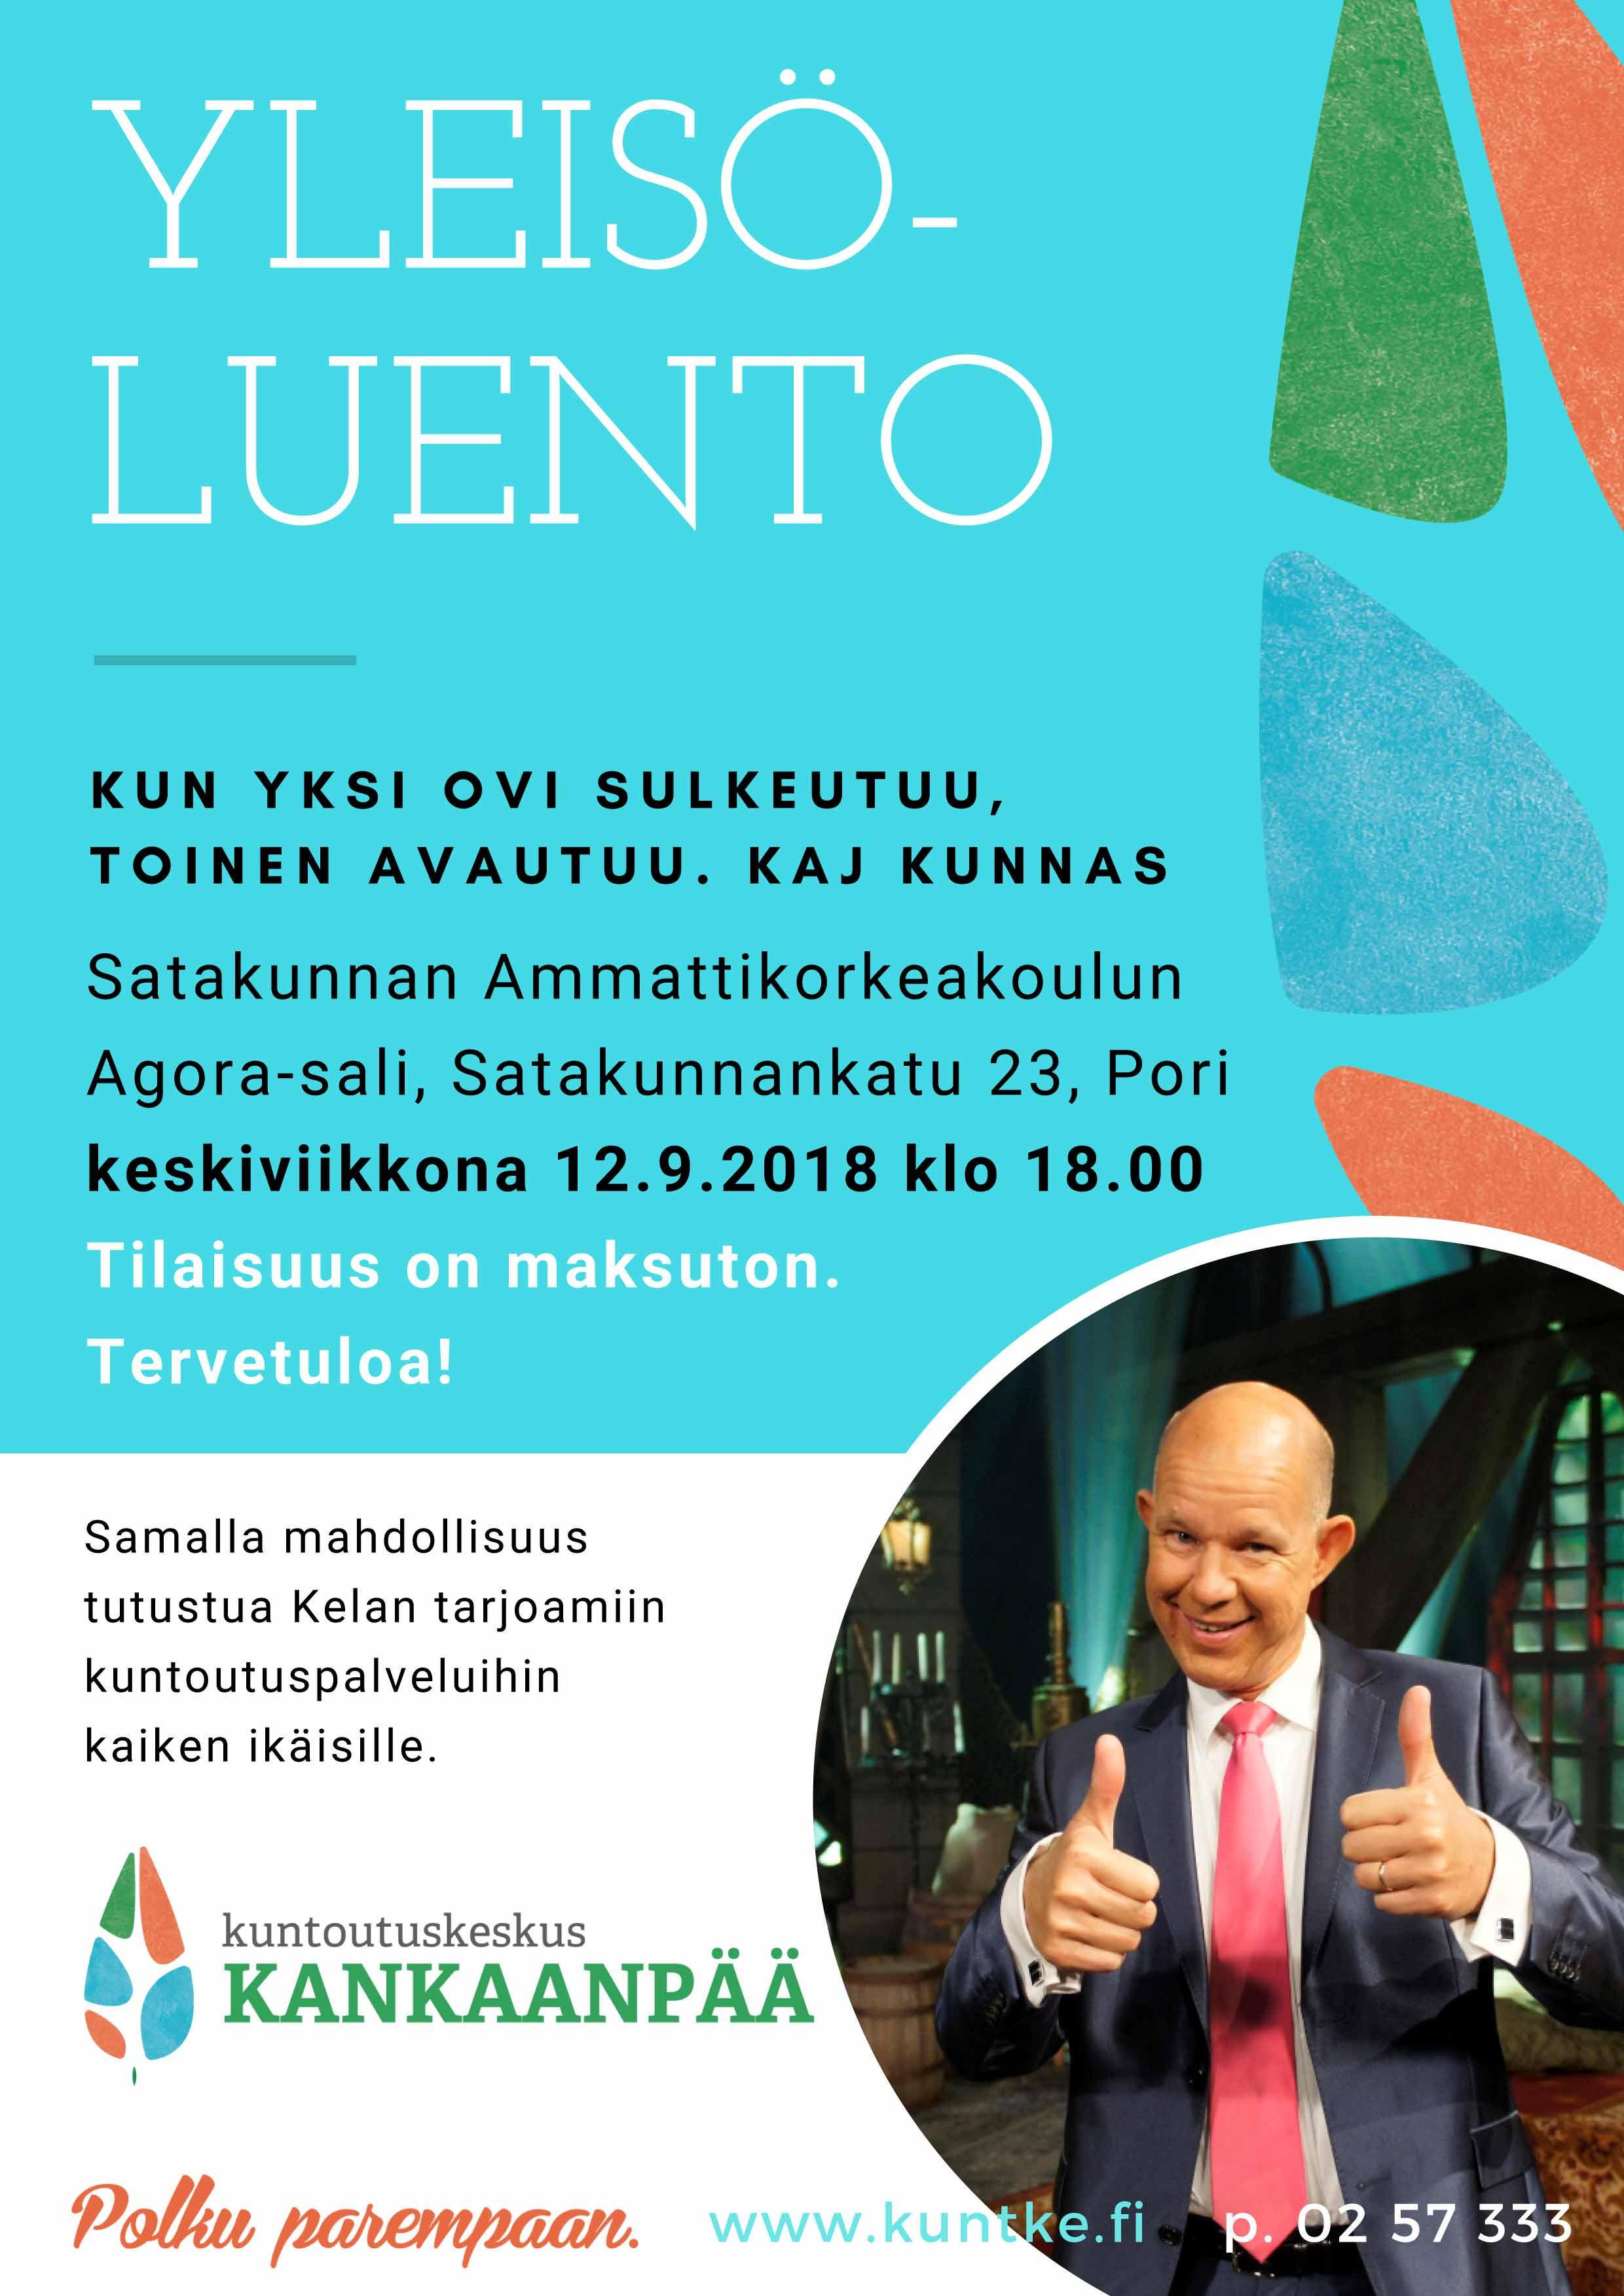 Kaj Kunnas, yleisöluento Porissa 12.9.2018